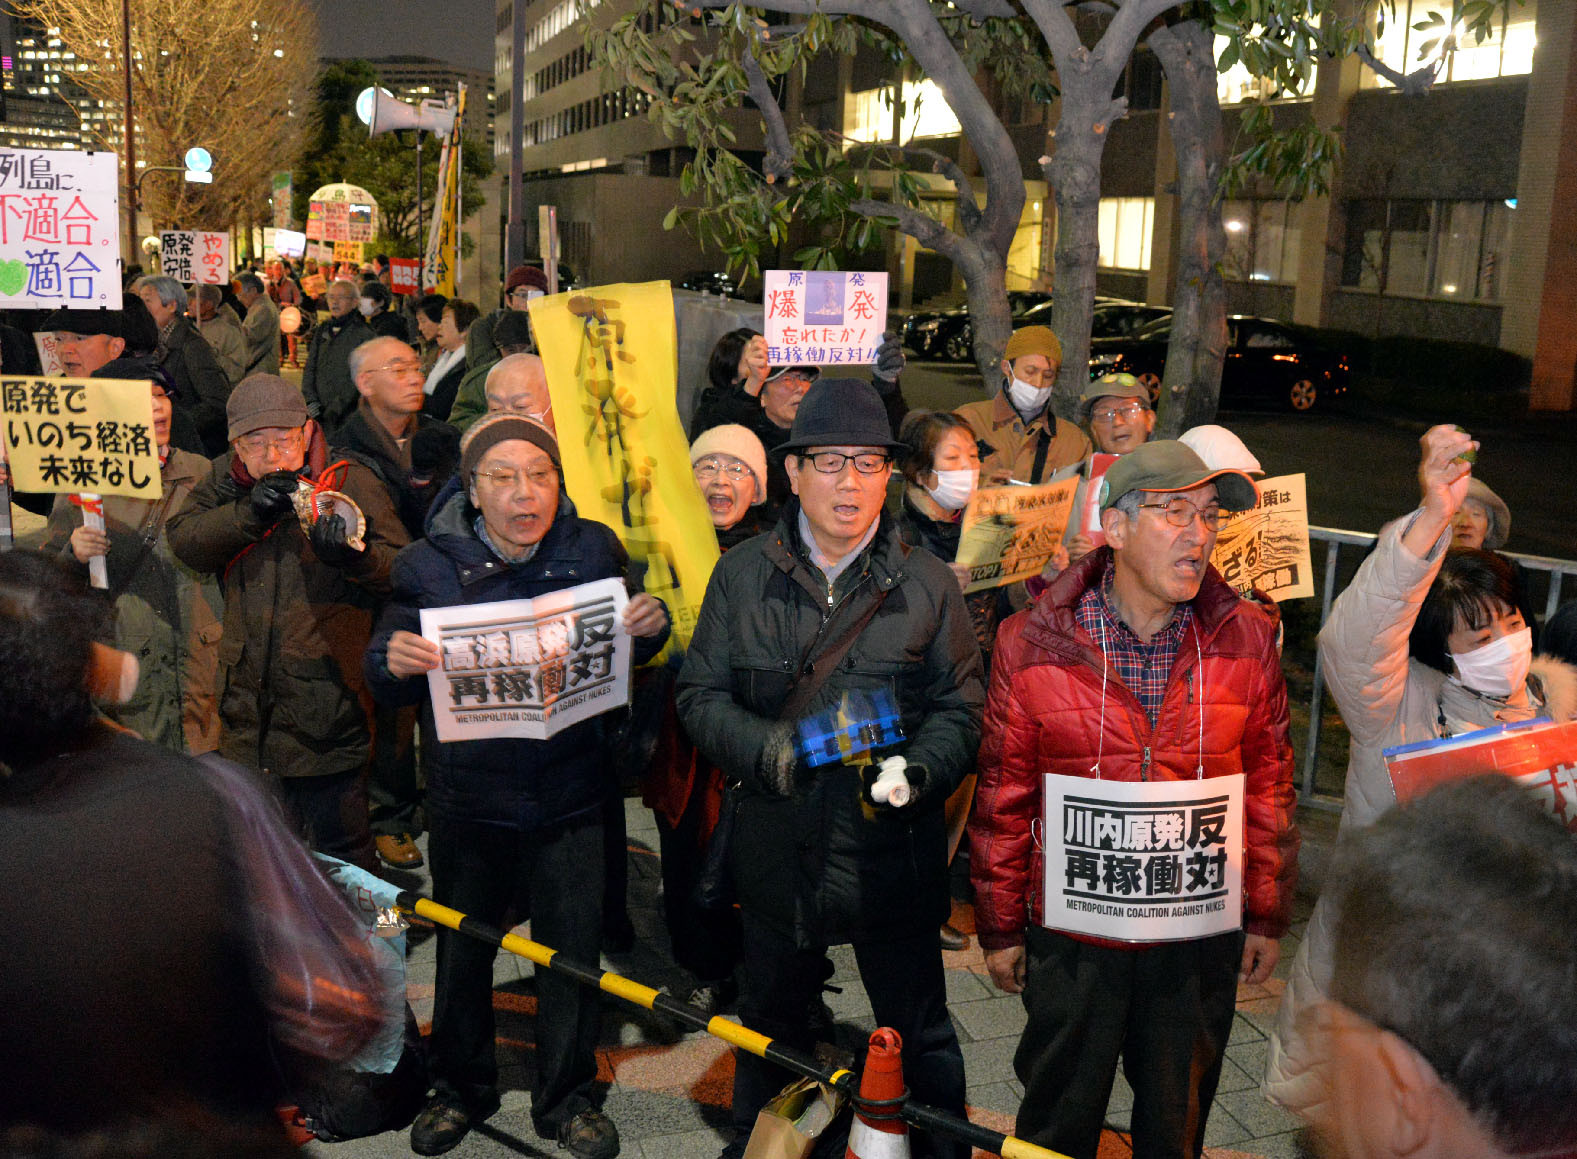 「原発再稼働反対」「原発を廃炉に」と、抗議の声をあげる人たち=13日、首相官邸前